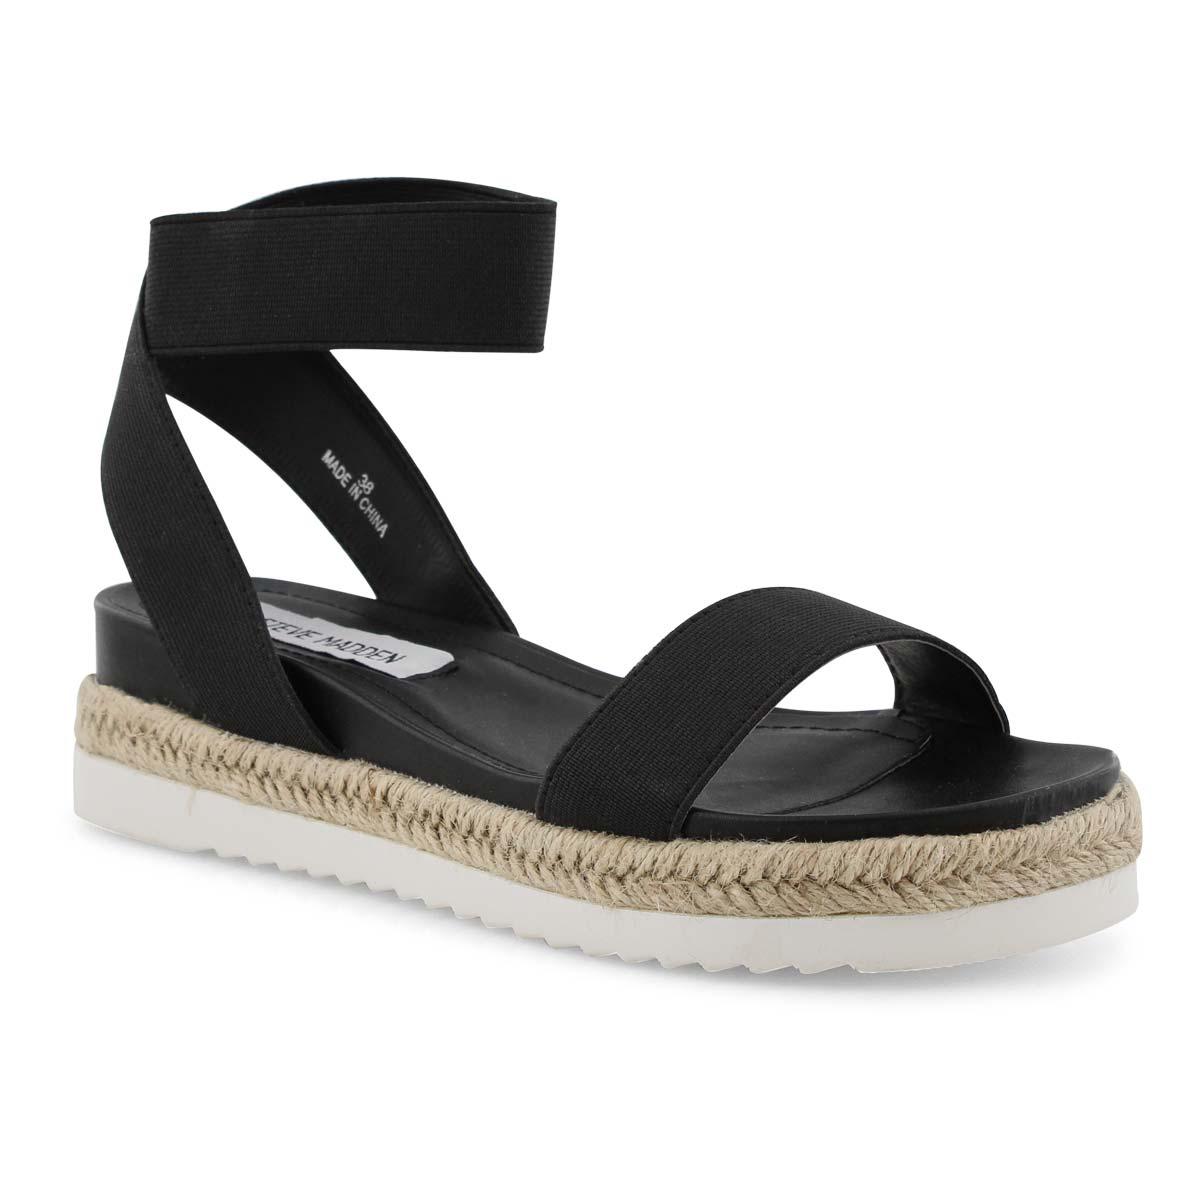 Lds Energyy black wedge sandal